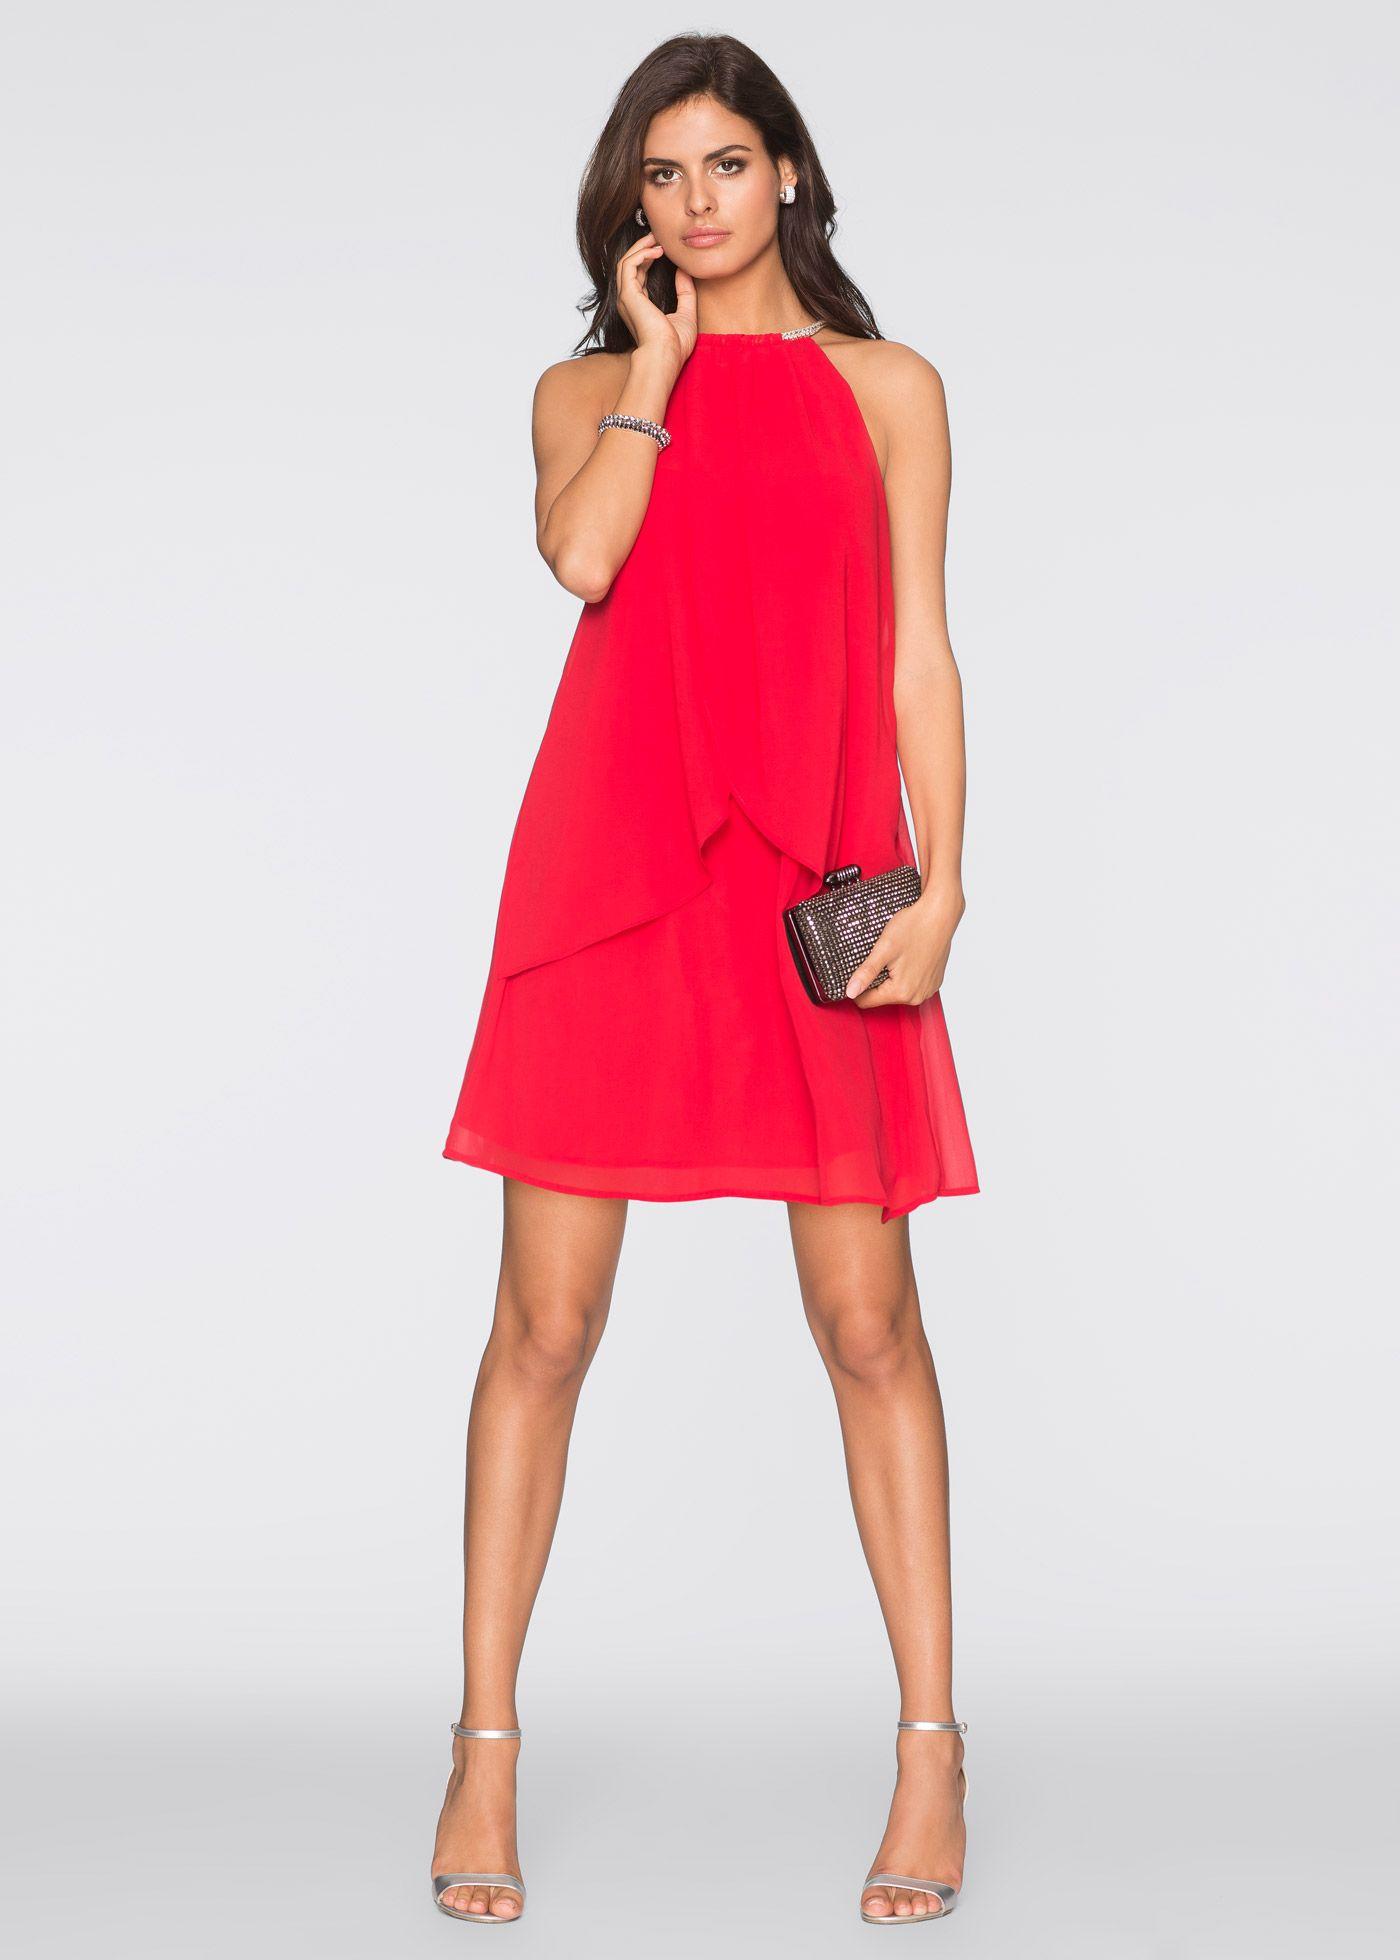 Chiffonkleid mit Collier rot - BODYFLIRT jetzt im Online Shop von